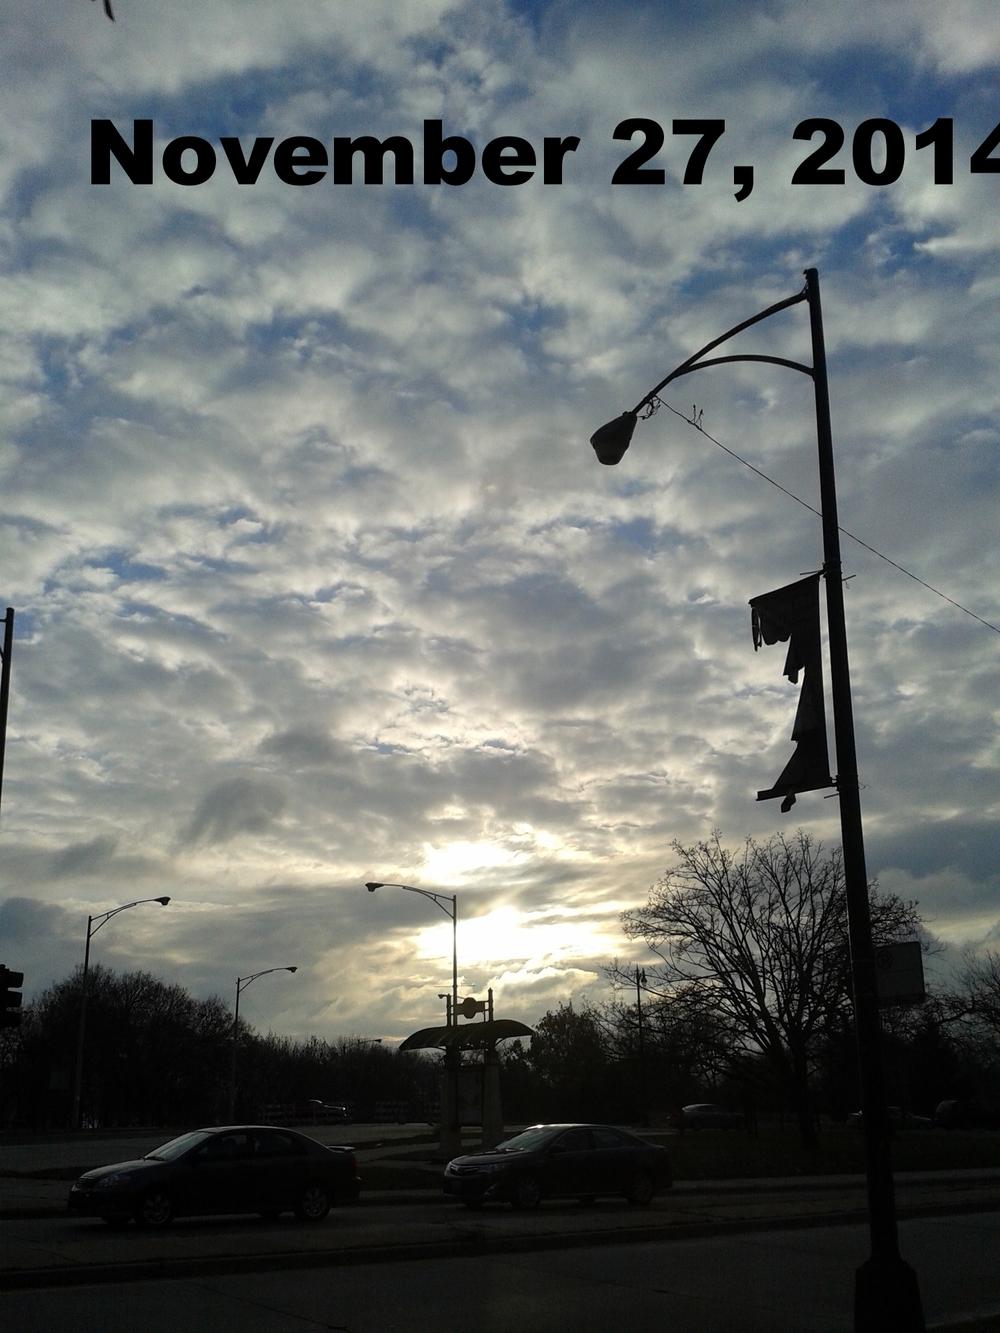 November 27, 2014